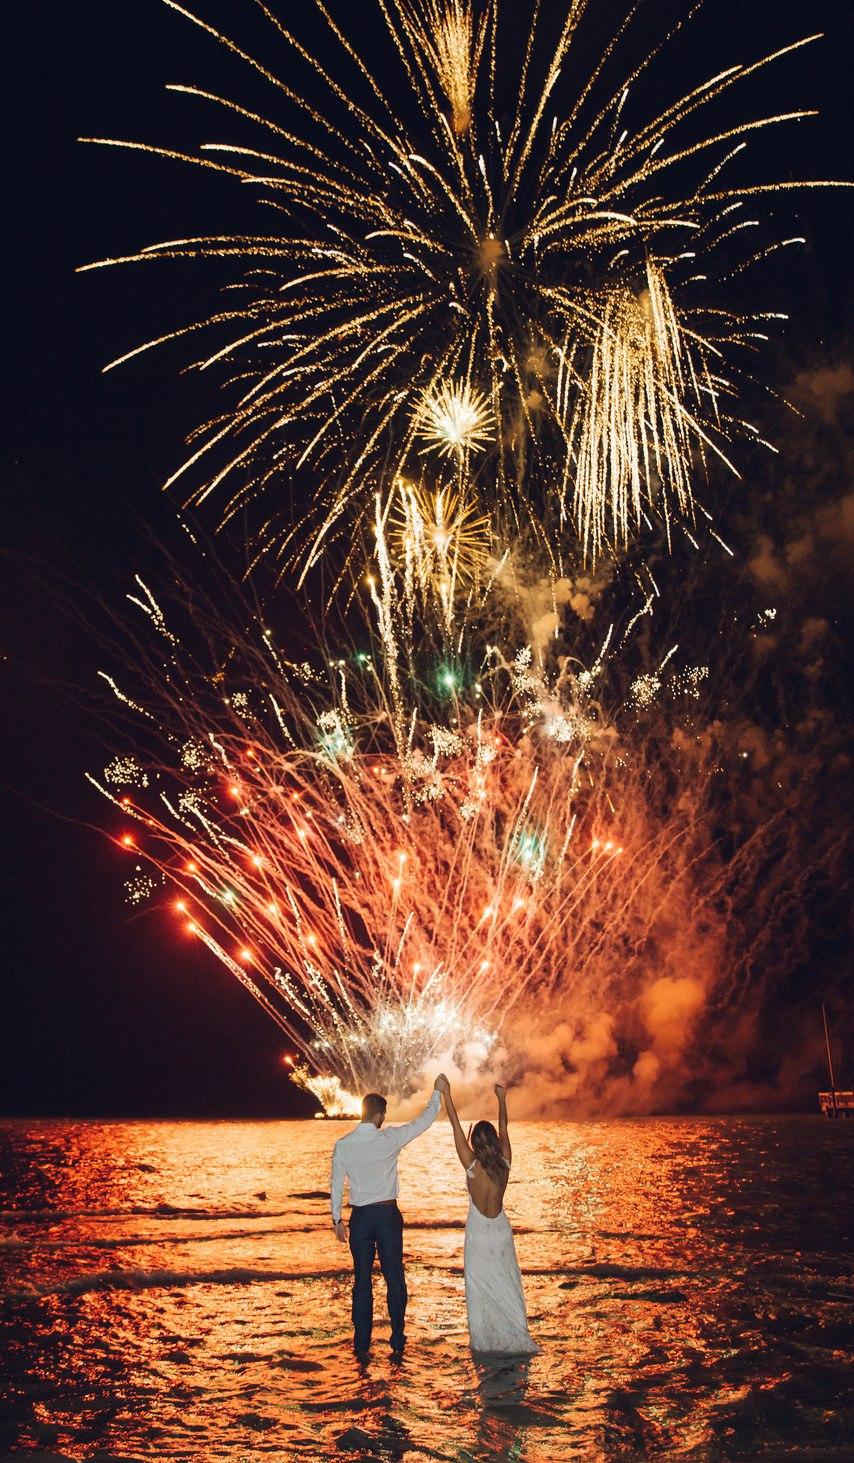 KL3lzpNKnTE - География свадьбы: дополнительные траты